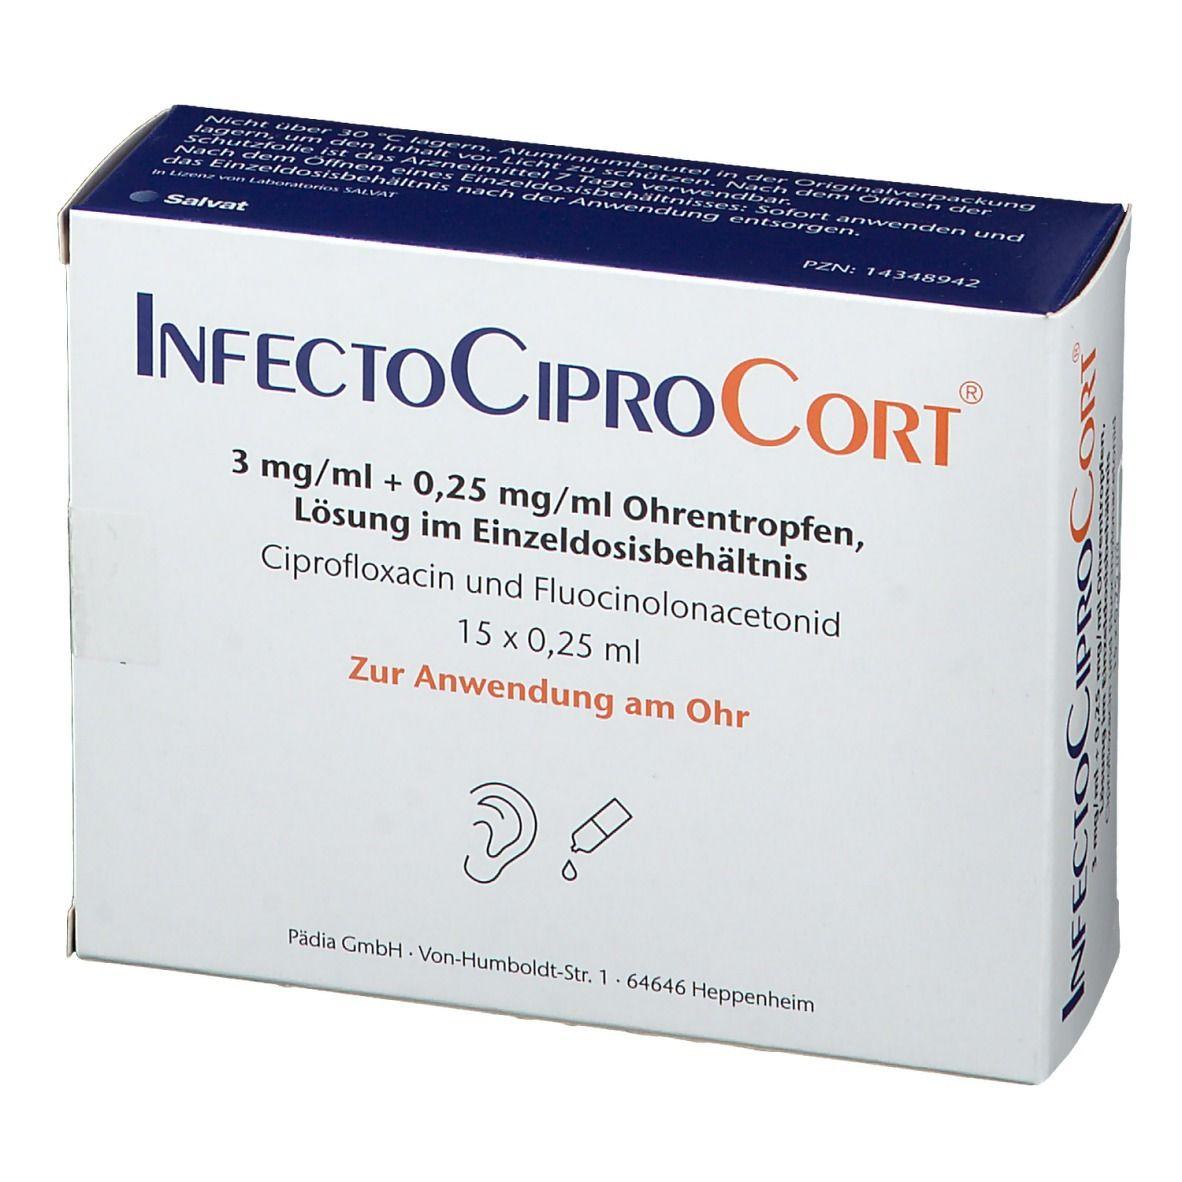 Infectociprocort ohrentropfen erfahrungen